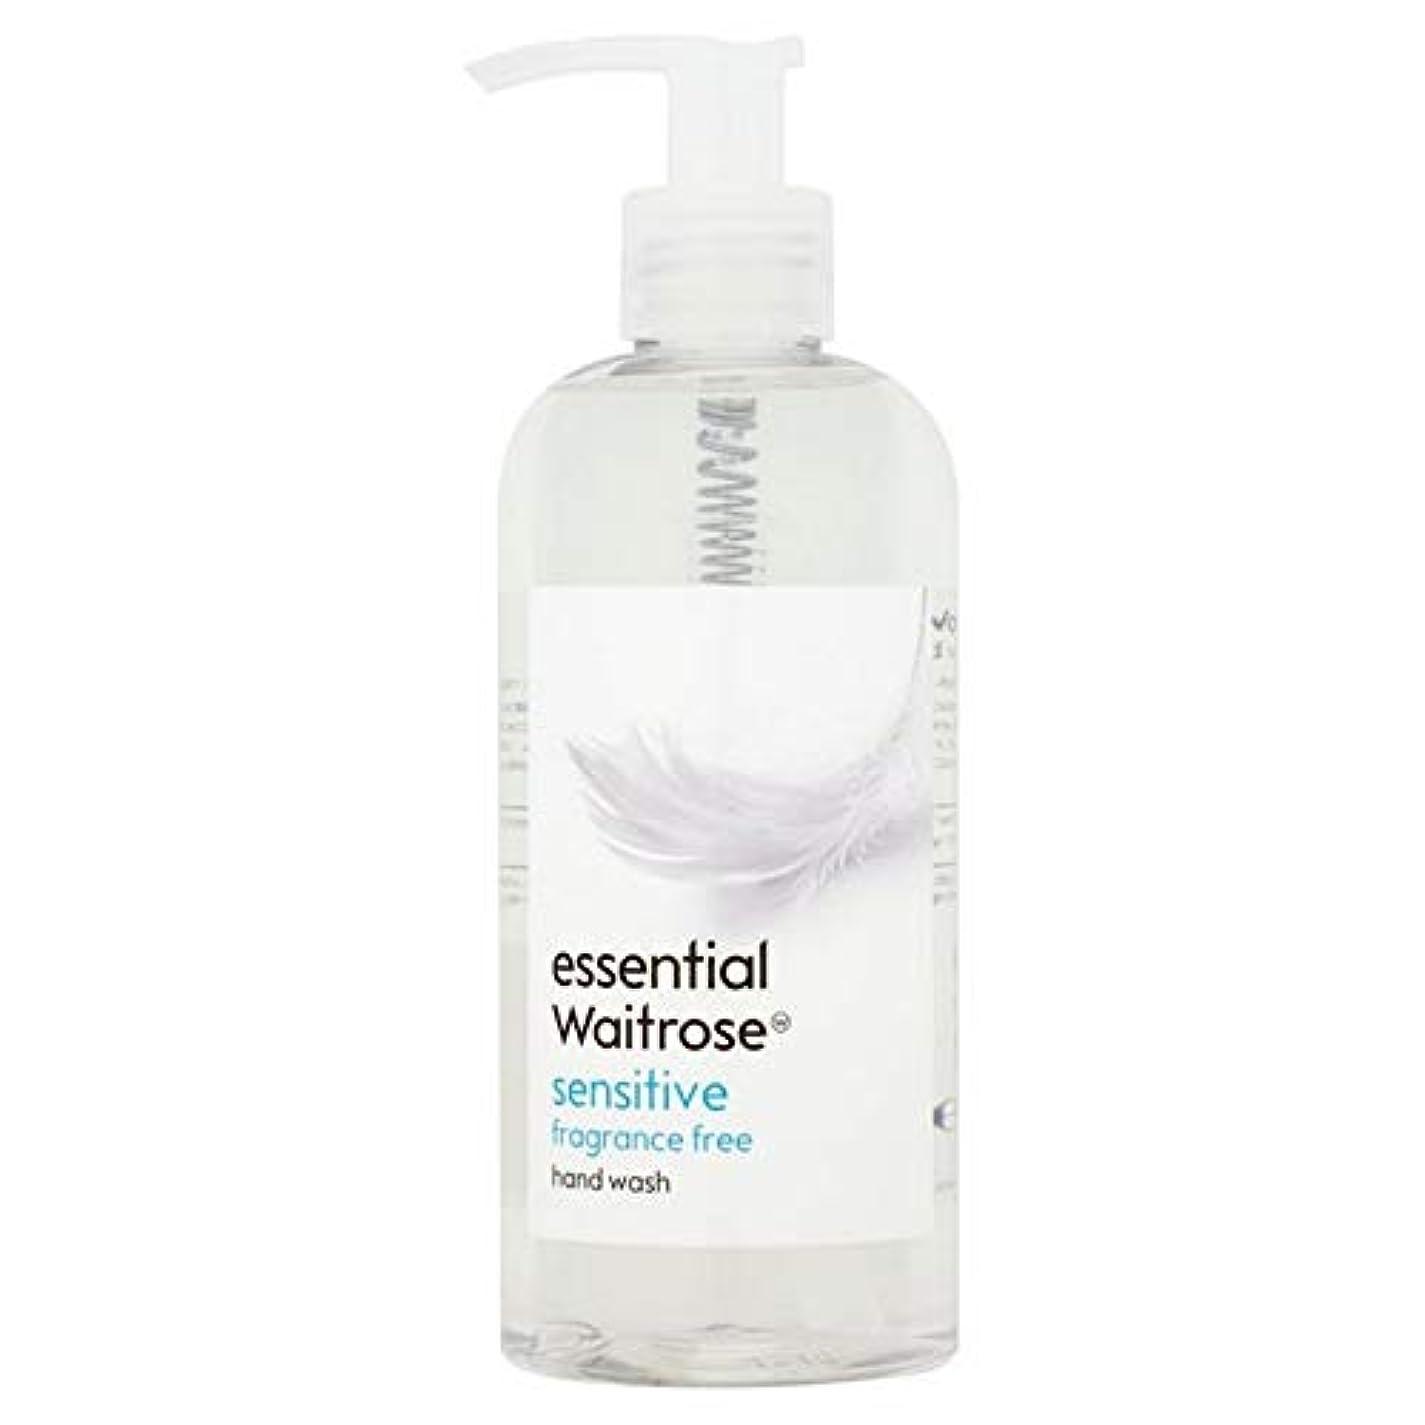 驚き肘掛け椅子主に[Waitrose ] 基本的なウェイトローズのハンドウォッシュ敏感な300ミリリットル - Essential Waitrose Hand Wash Sensitive 300ml [並行輸入品]